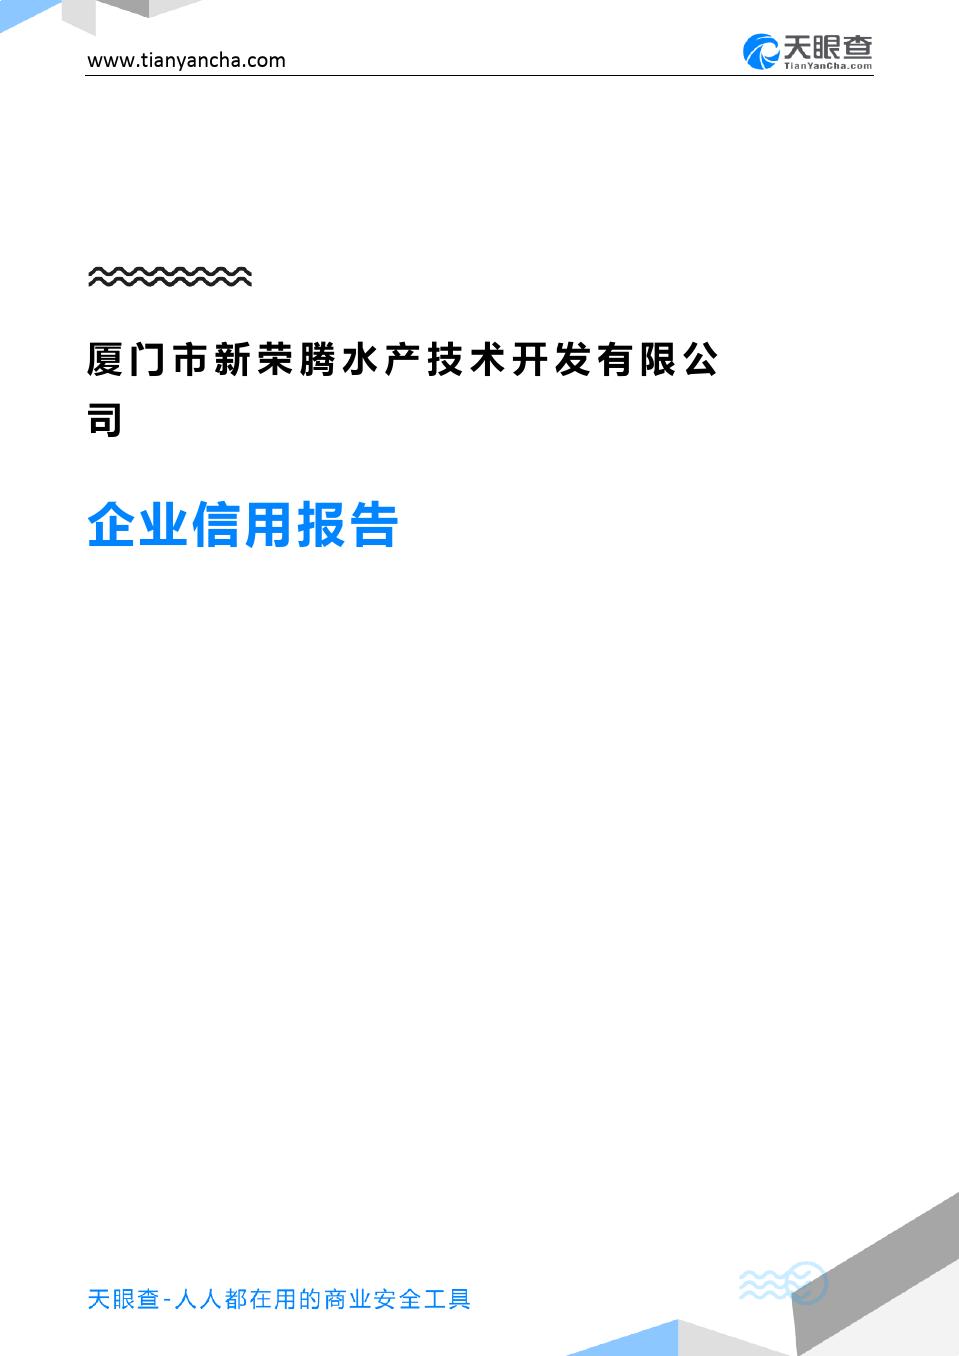 厦门市新荣腾水产技术开发有限公司(企业信用报告)- 天眼查